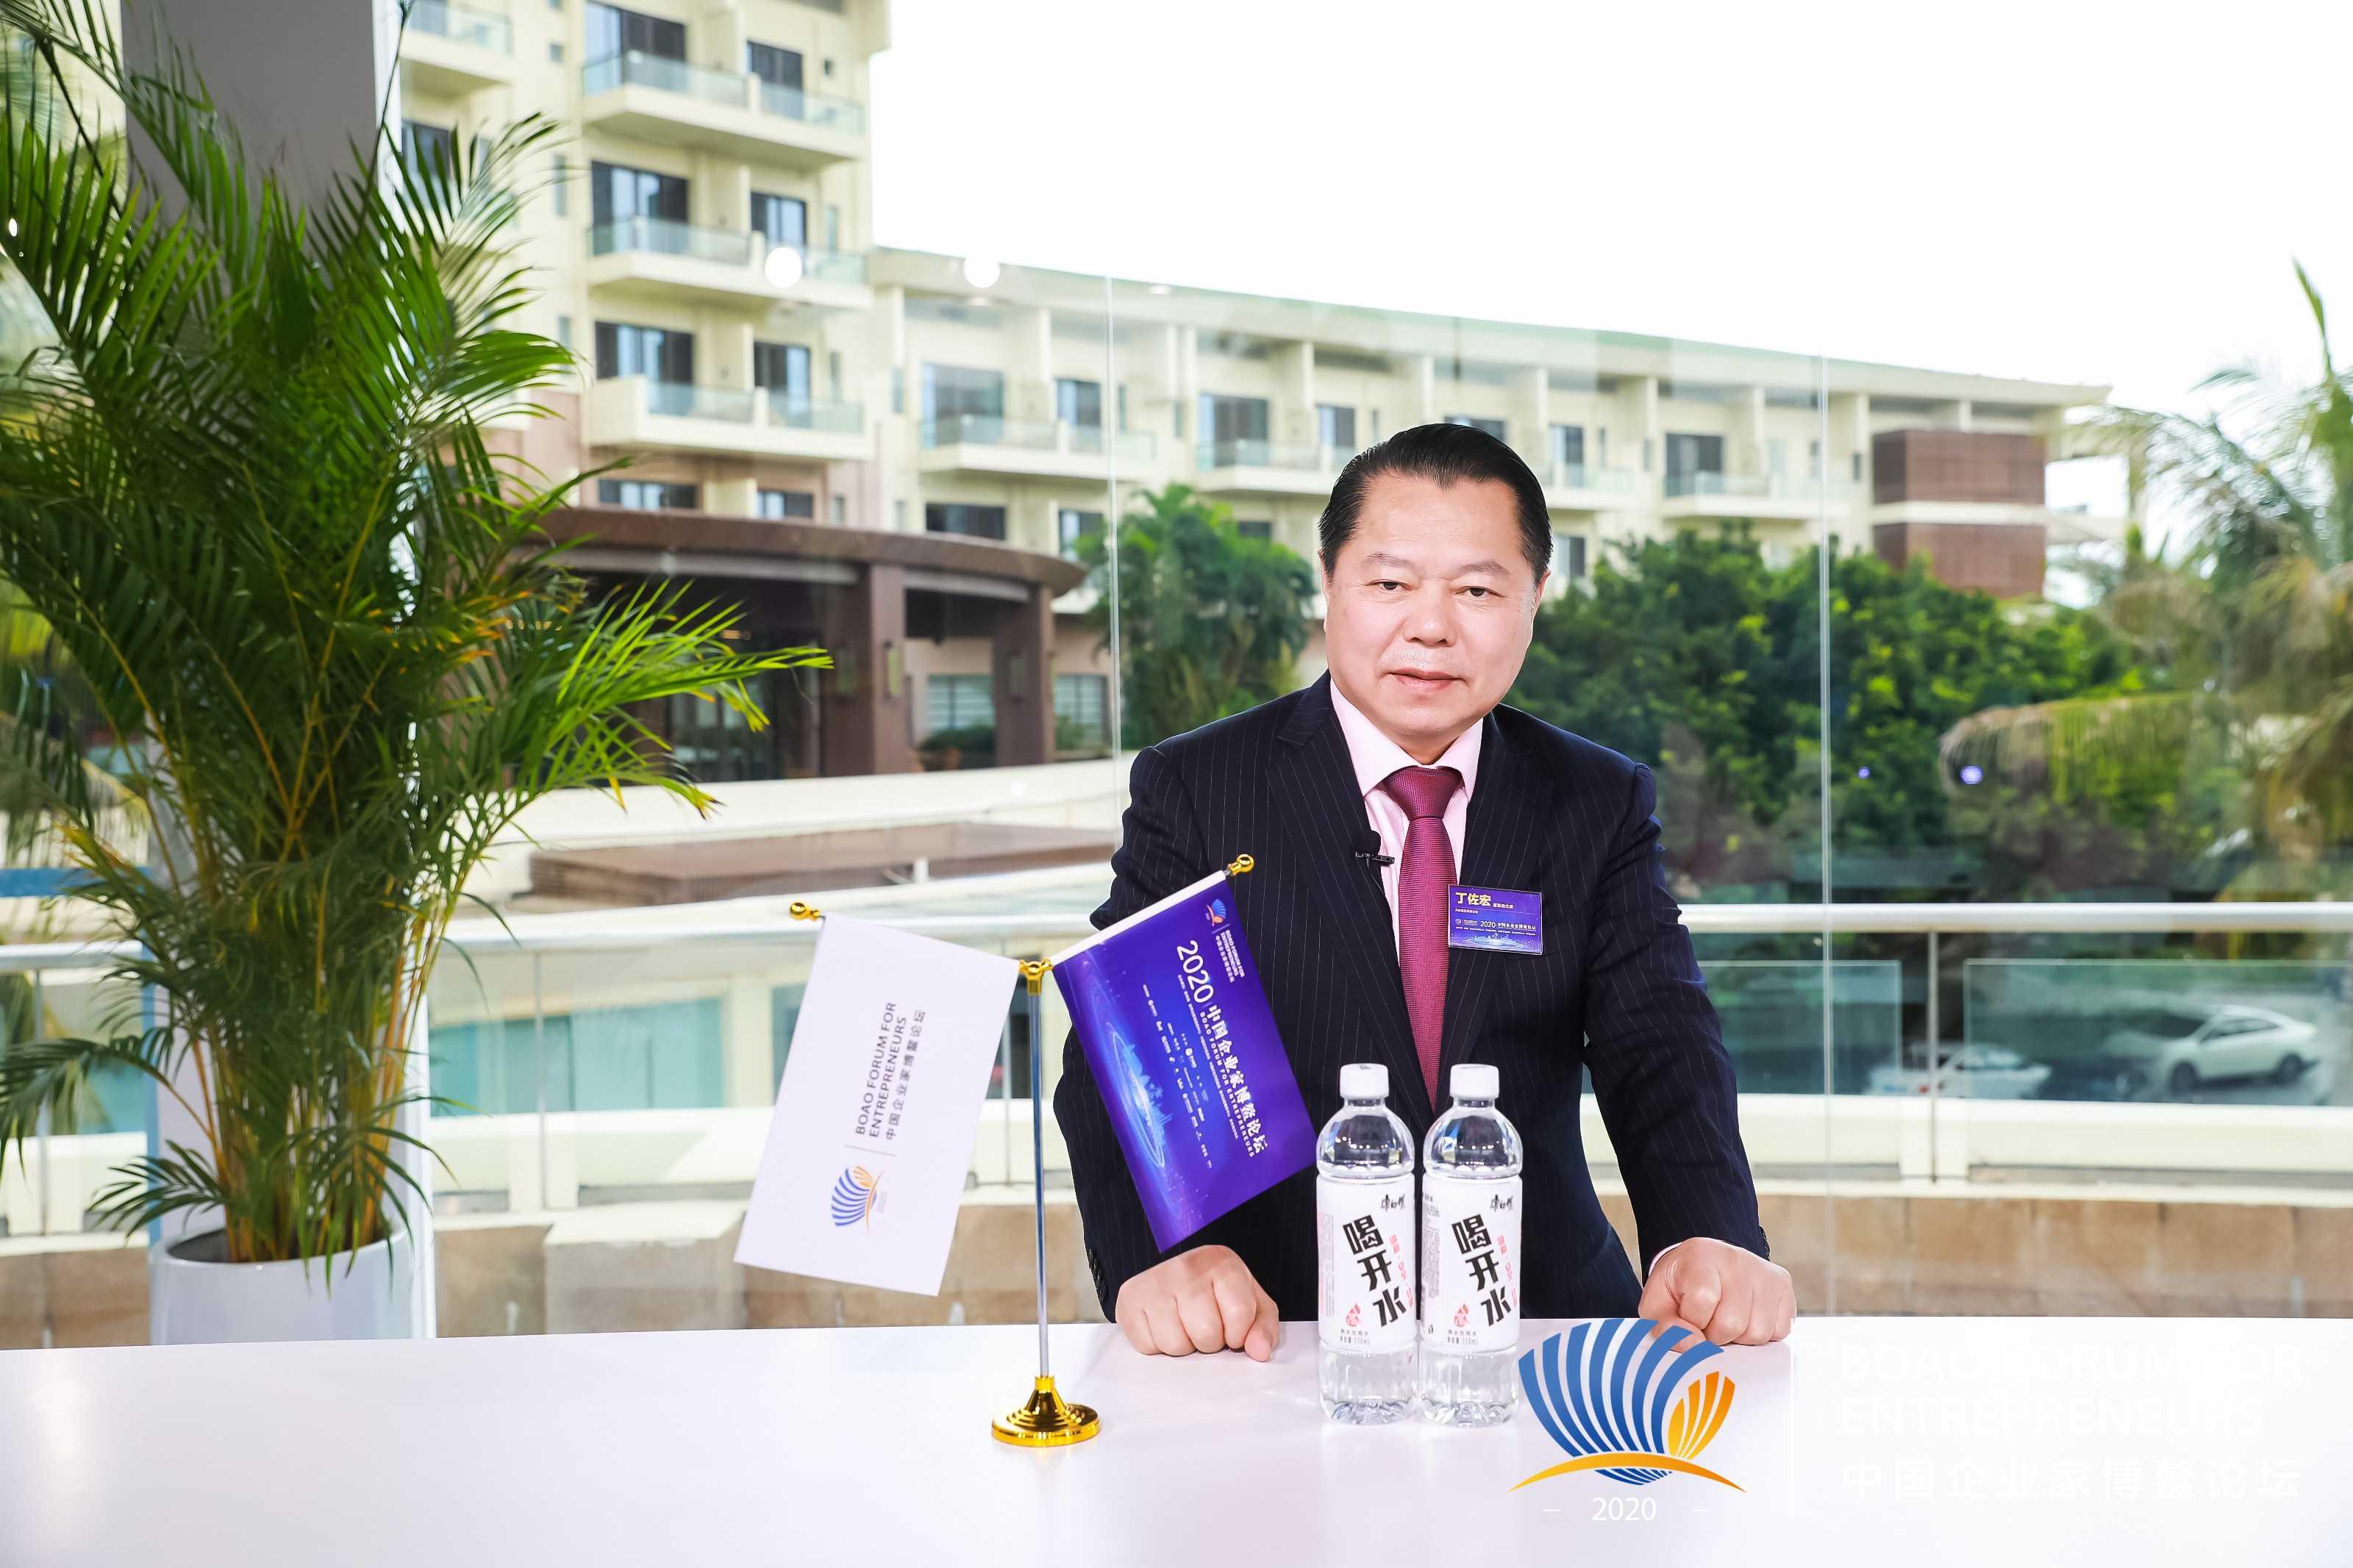 丁佐宏:月星致力于成为大众美好生活的提供商